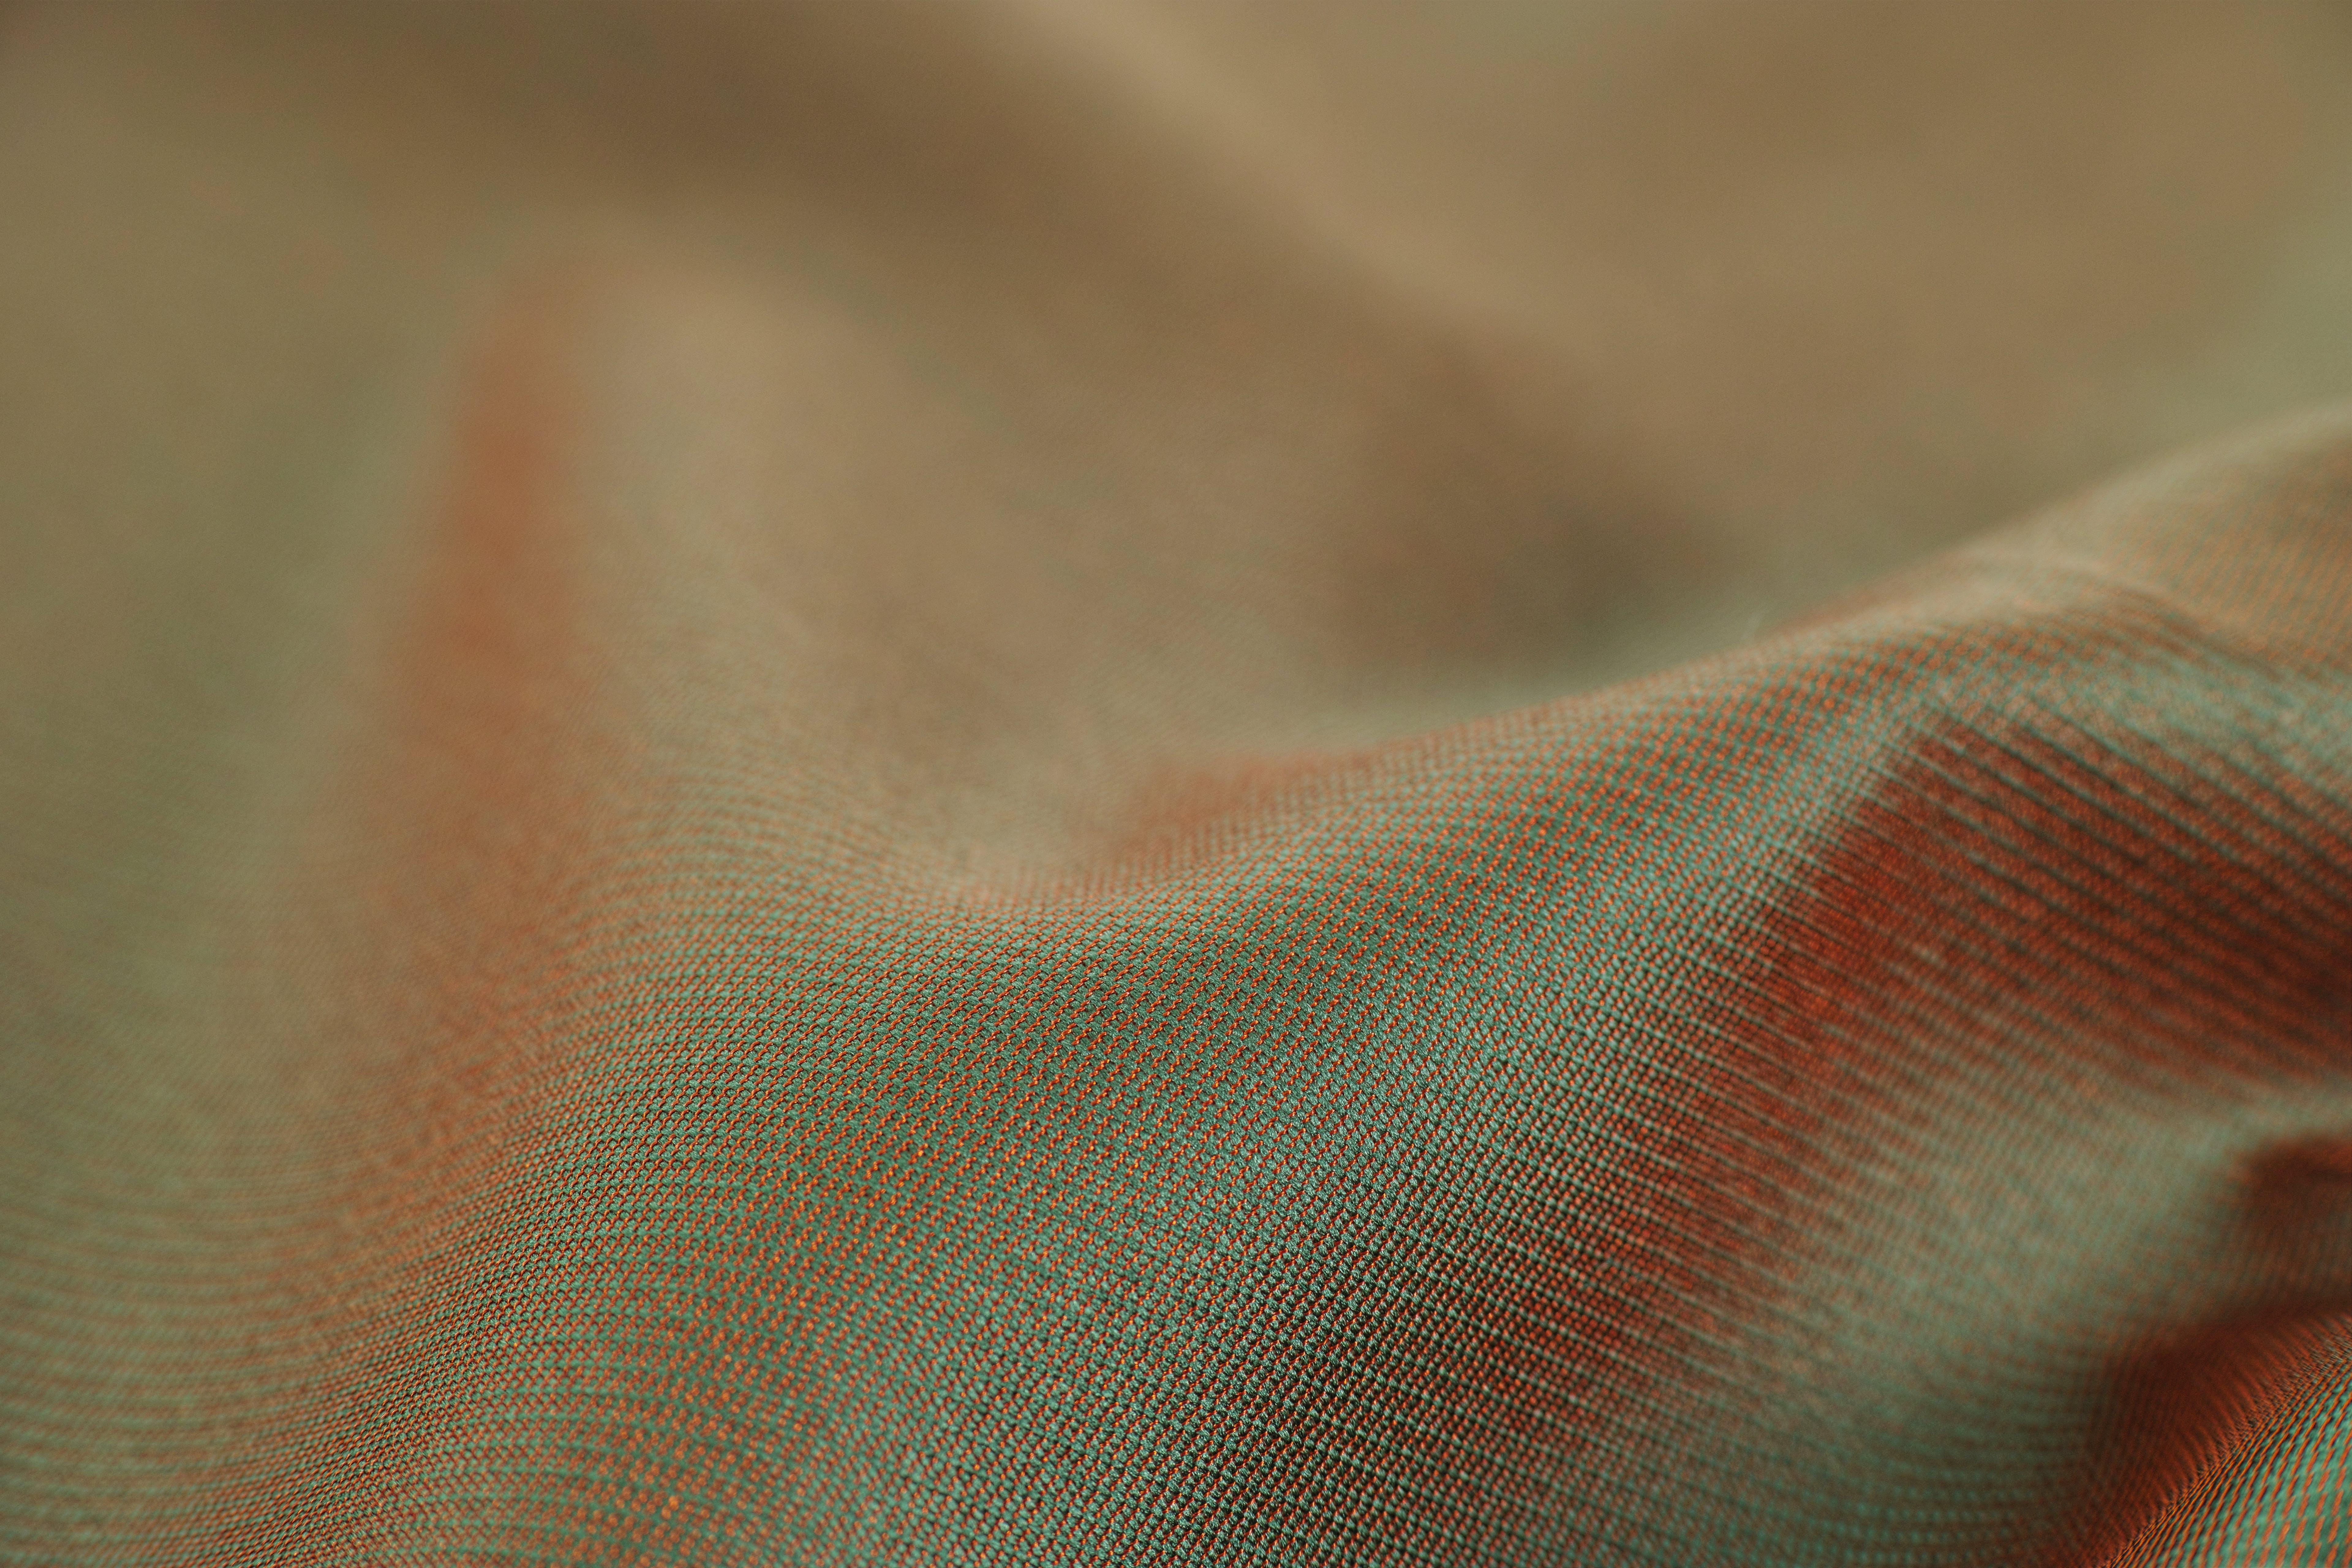 Kostenloses Stock Foto zu kalt, fashion, muster, textur